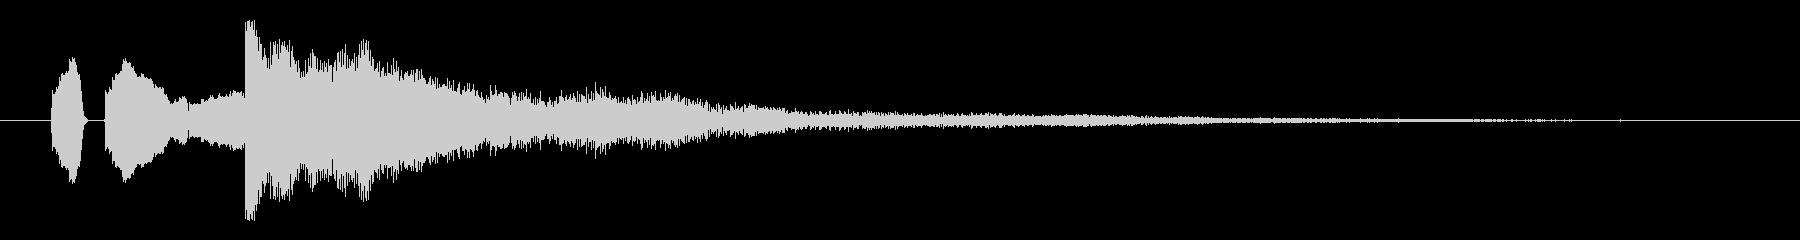 ピロン!決定/ボタン/クリック効果音6の未再生の波形